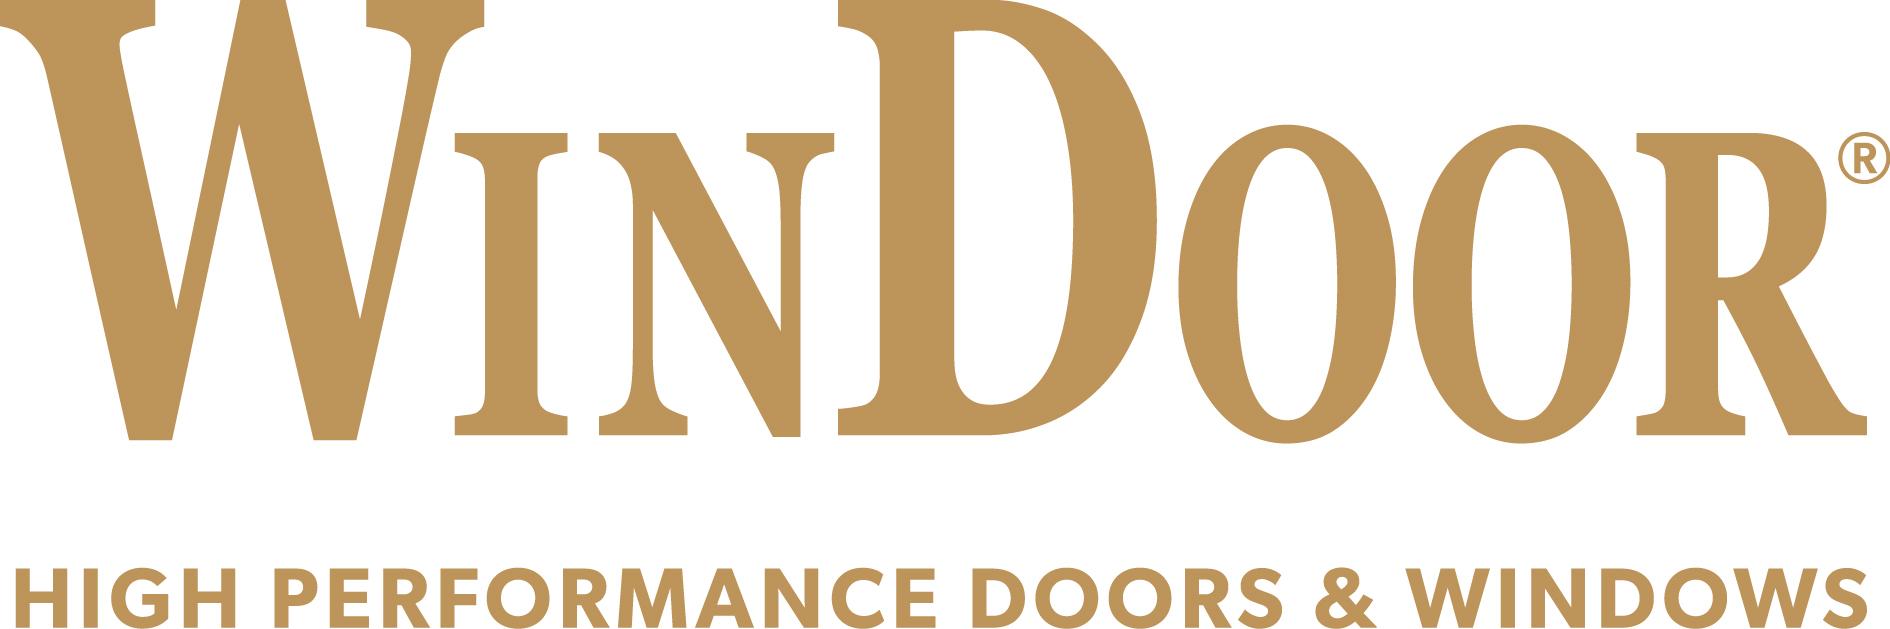 windoor-logo.jpg